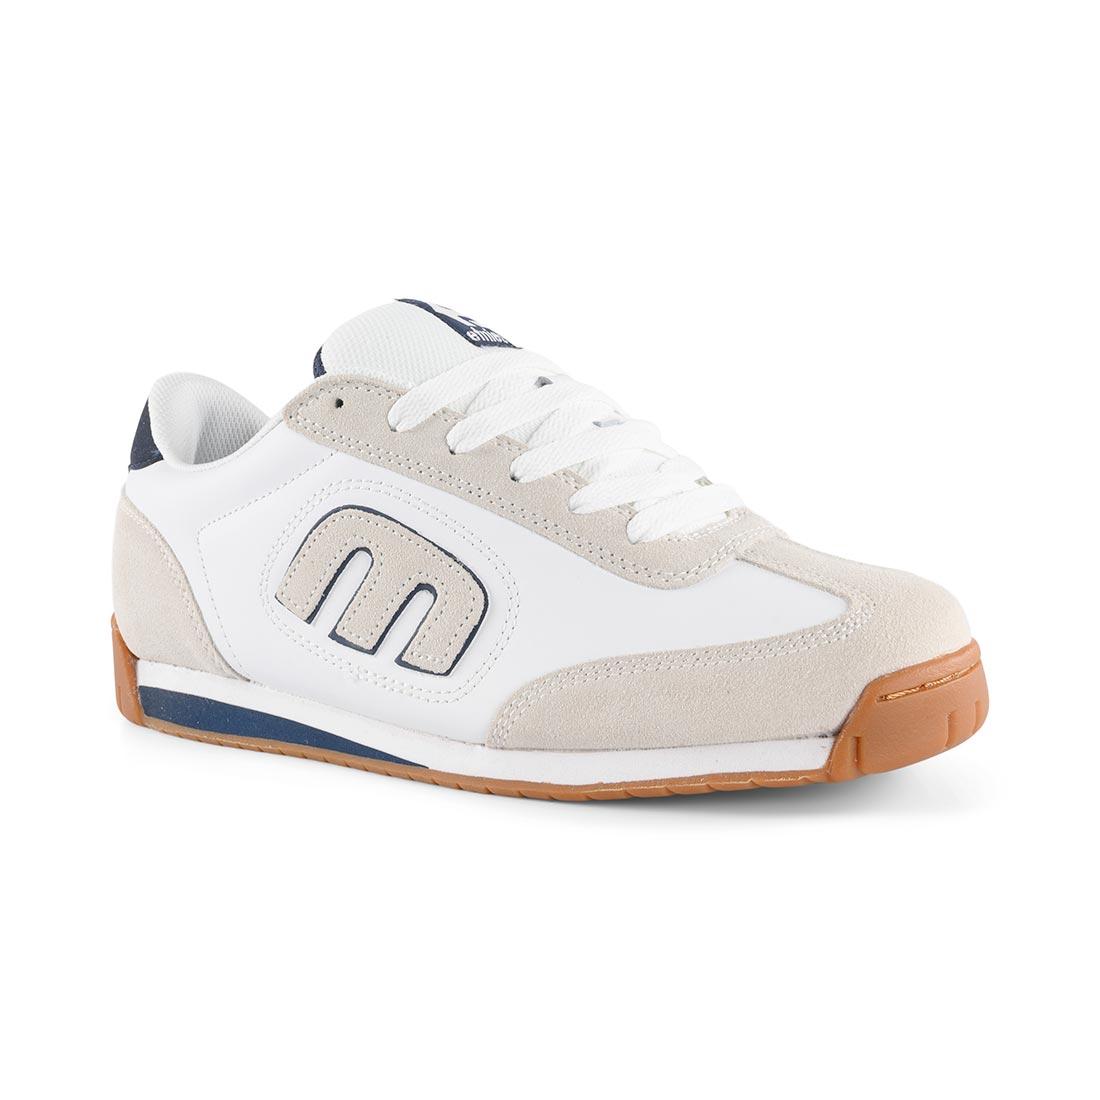 Etnies Lo-Cut II LS Shoes – White / Navy / Gum